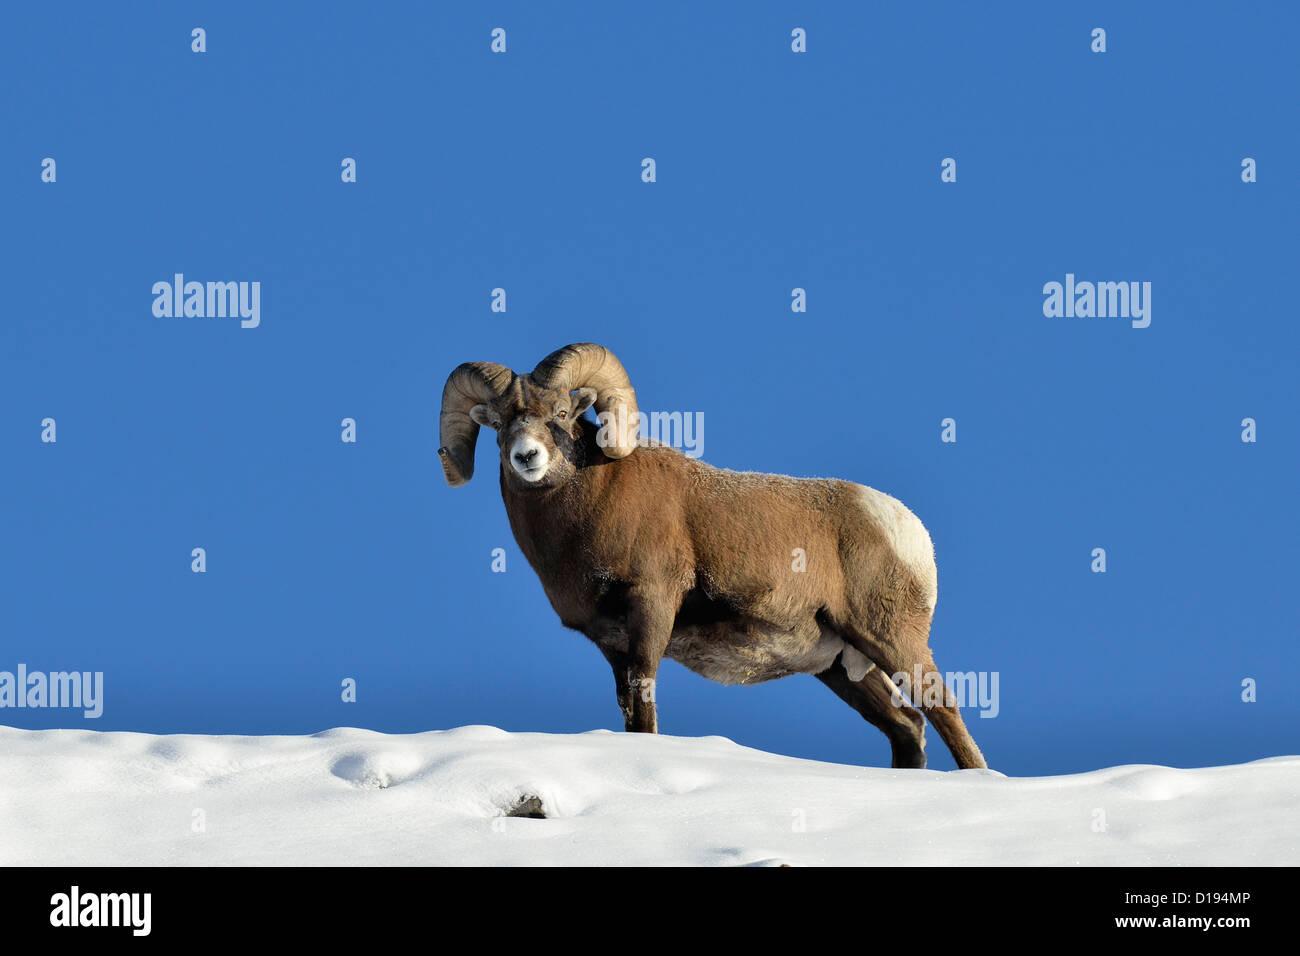 Un mouflon d'matures debout sur une crête de montagne couverte de neige contre un ciel bleu. Photo Stock